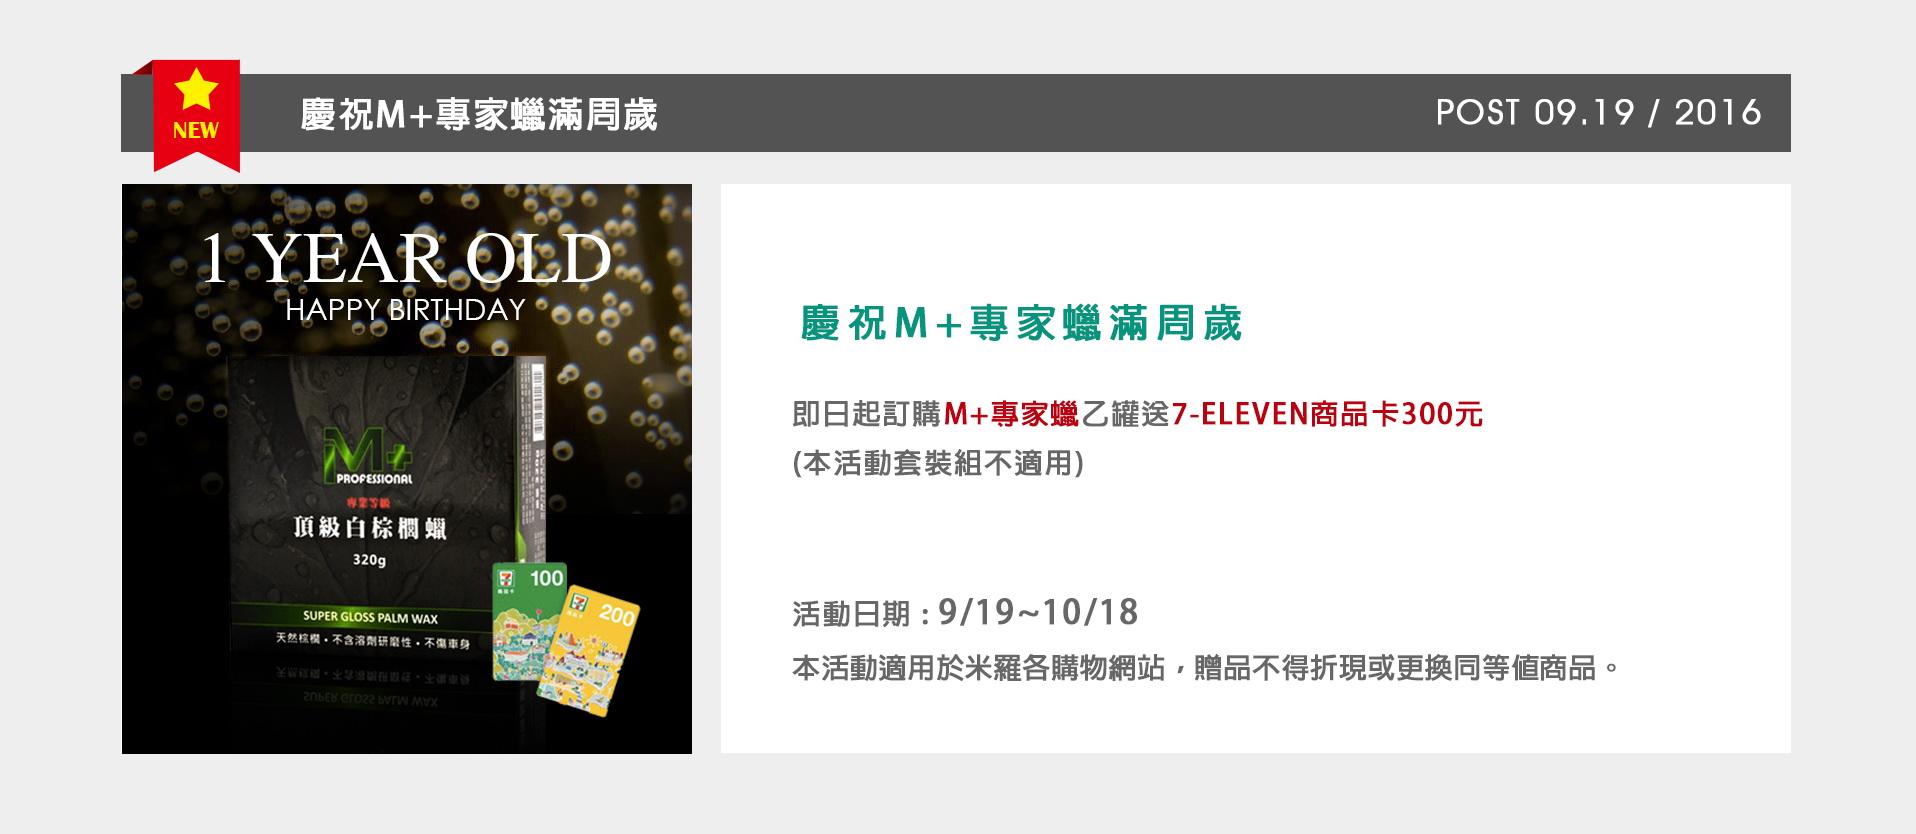 慶祝M+專家蠟滿周歲了,送7-ELEVEN商品卡!